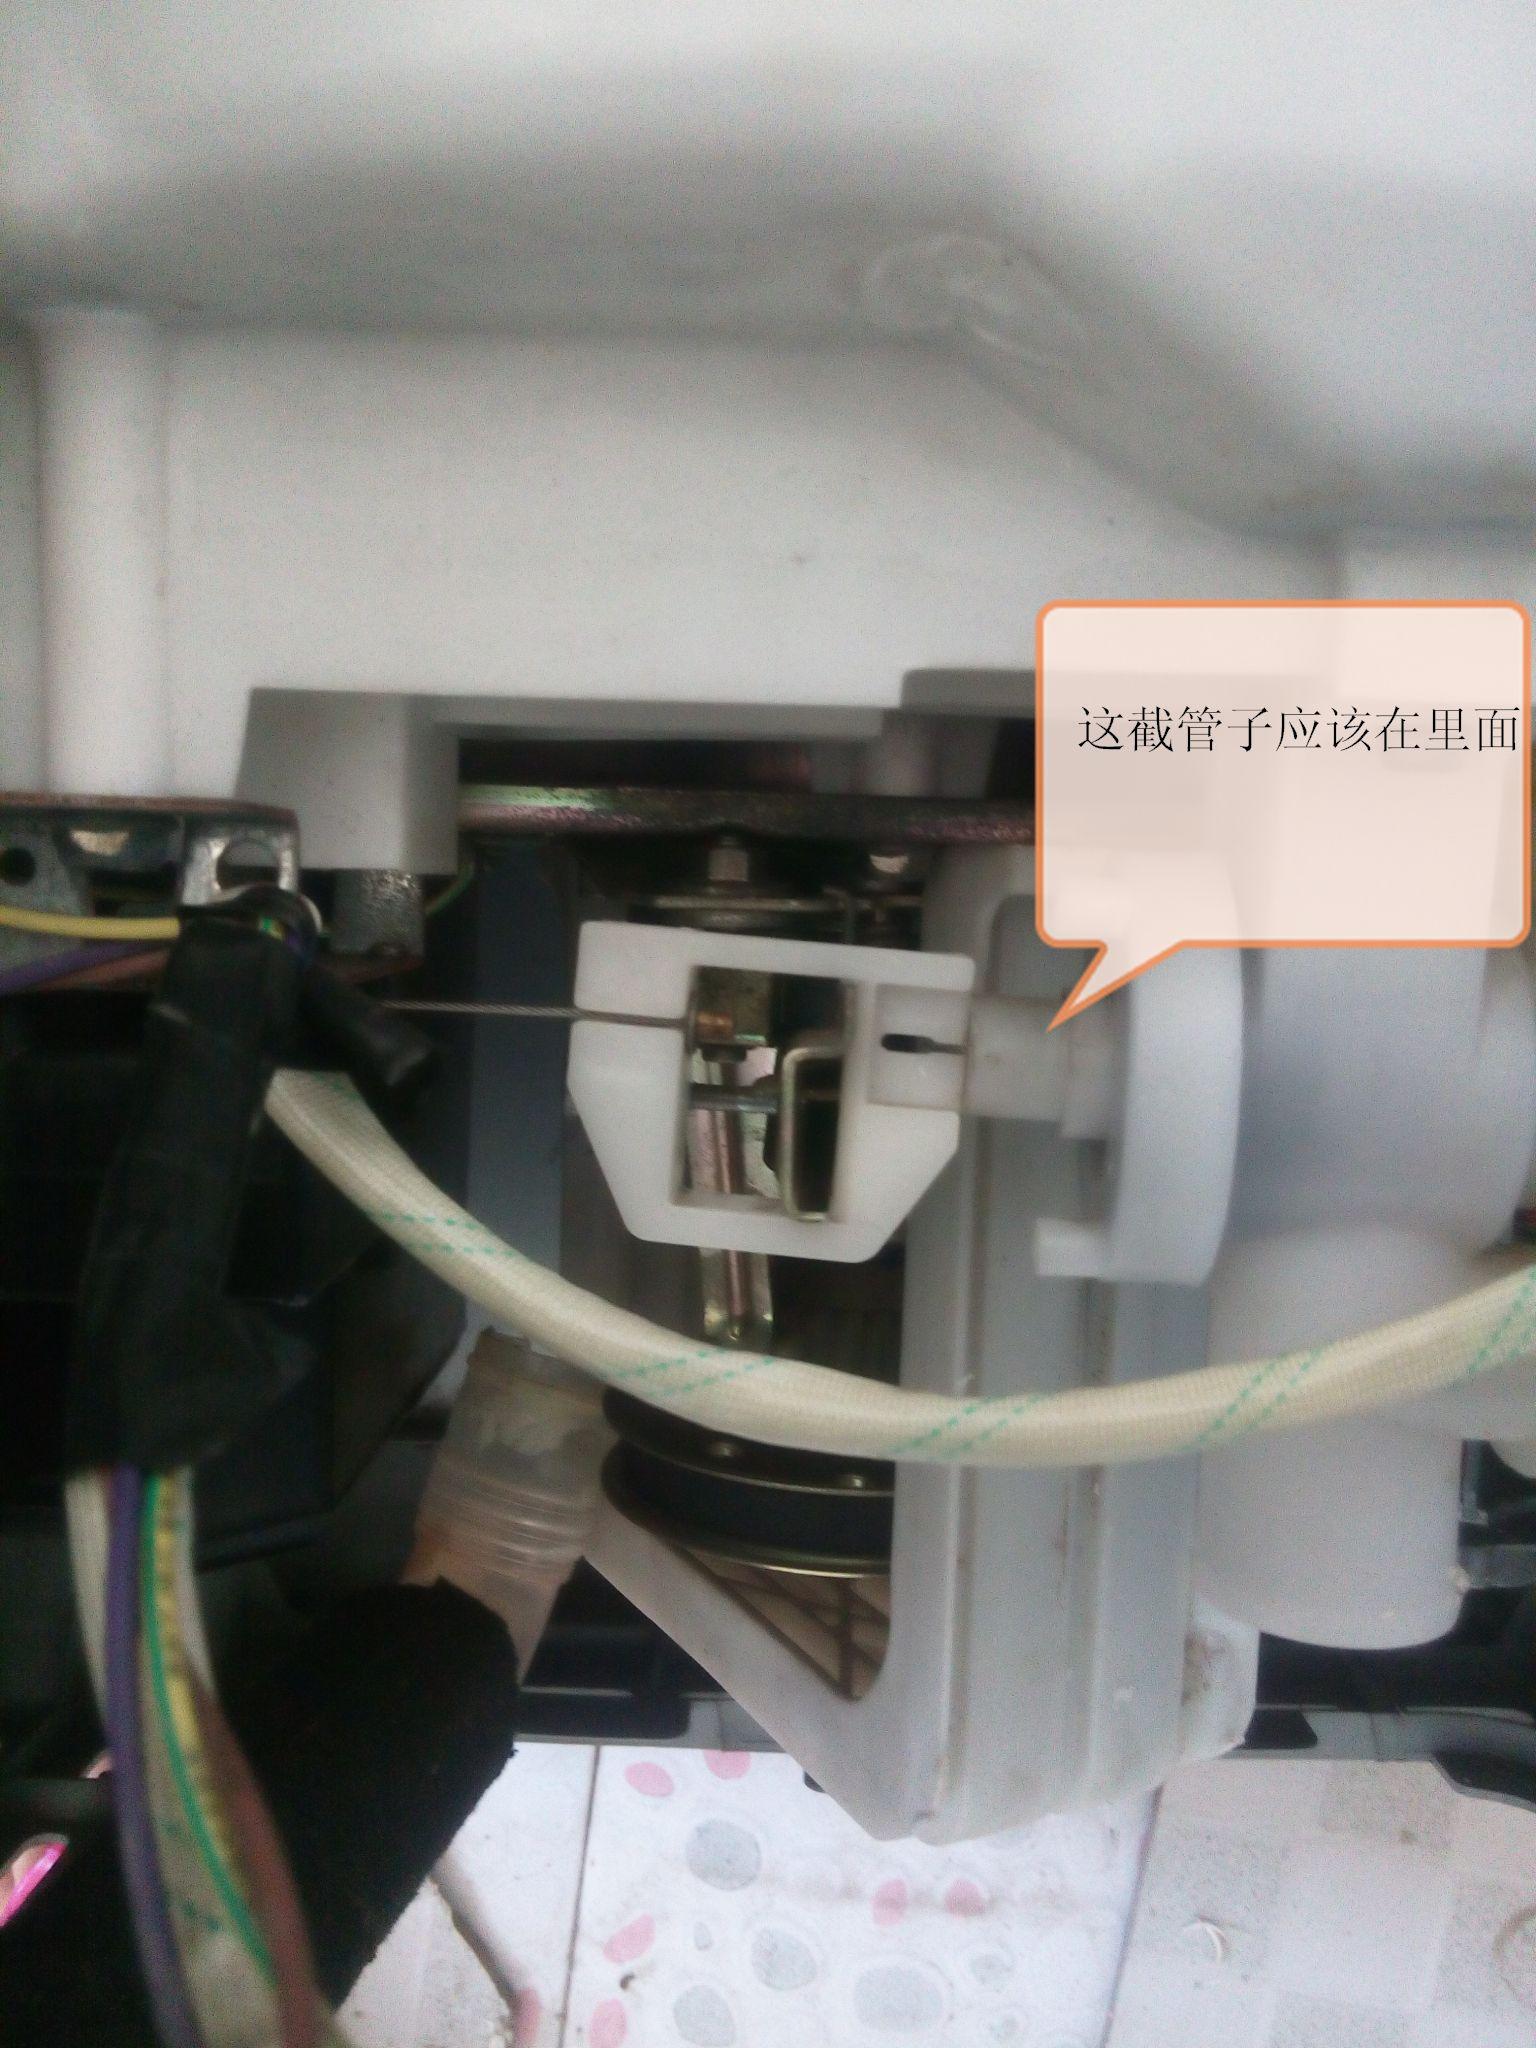 小天鹅全自动洗衣机排水阀漏水图片